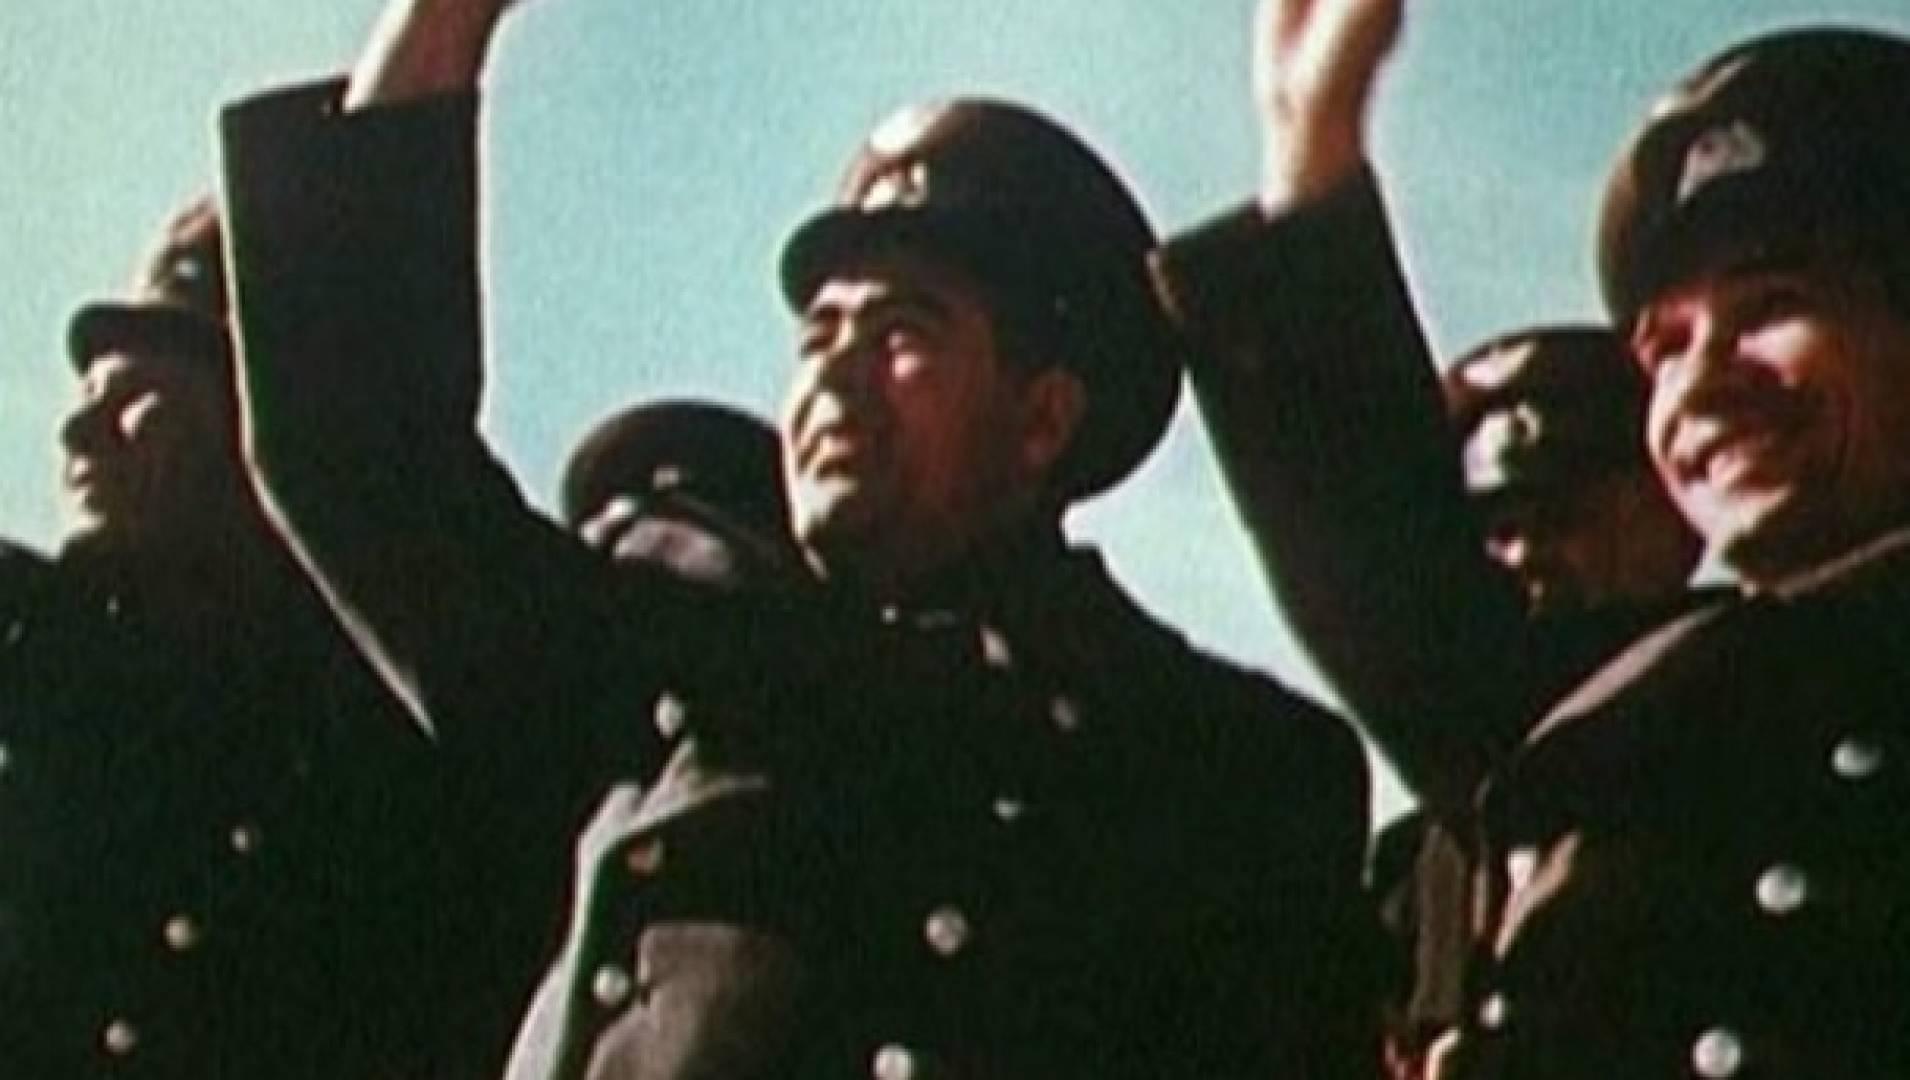 Первый отряд. Испытано на себе - Исторический / Биографический, Документальный фильм